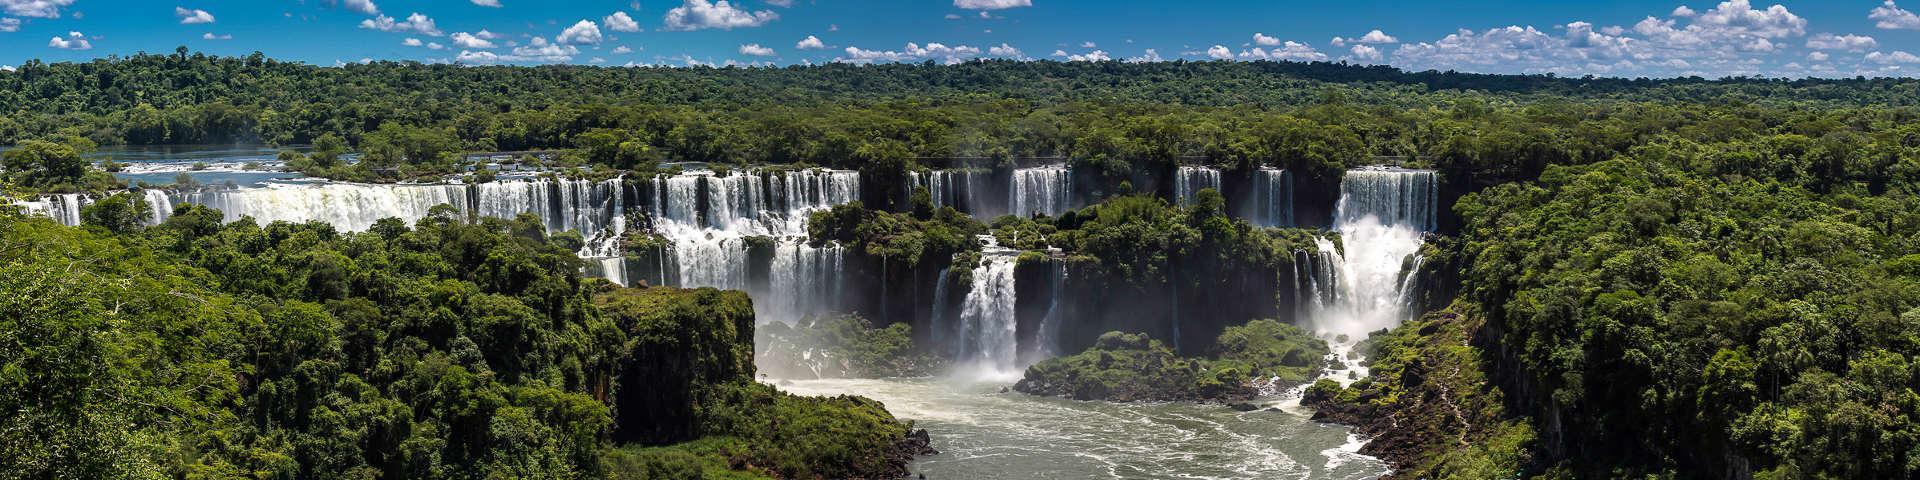 Iguazu hero